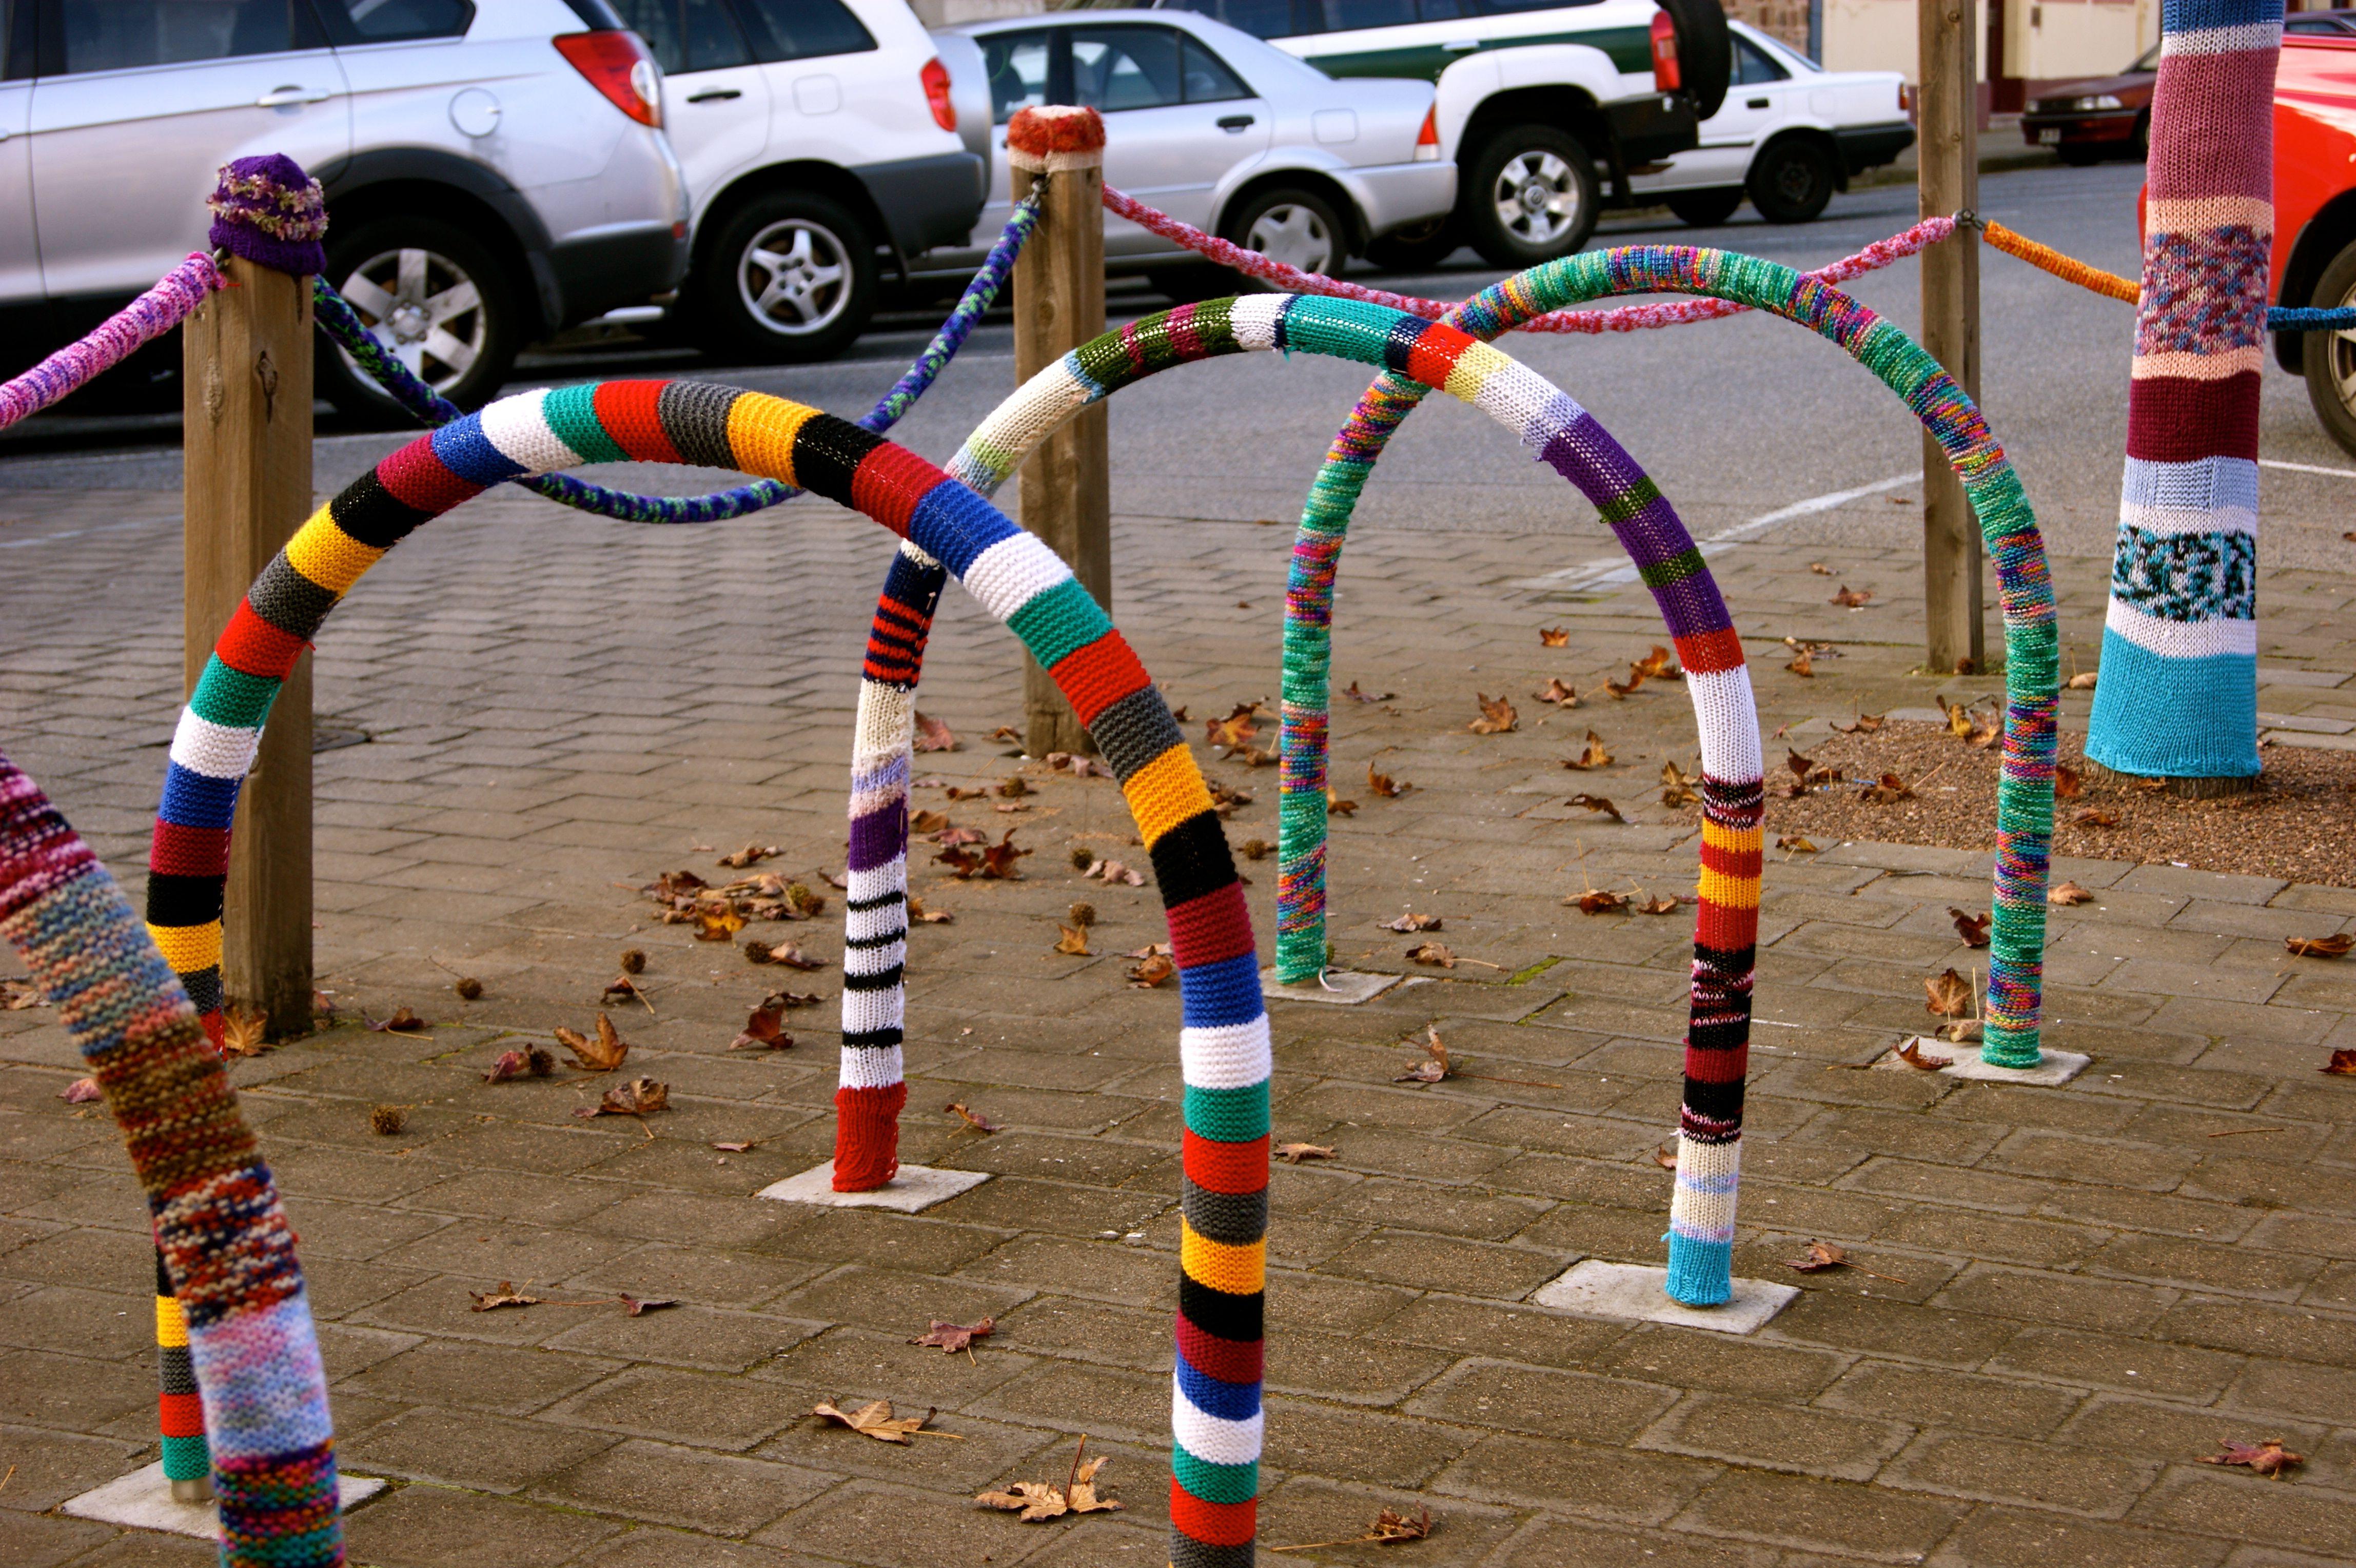 yarn-bomb-bike-rack.jpg